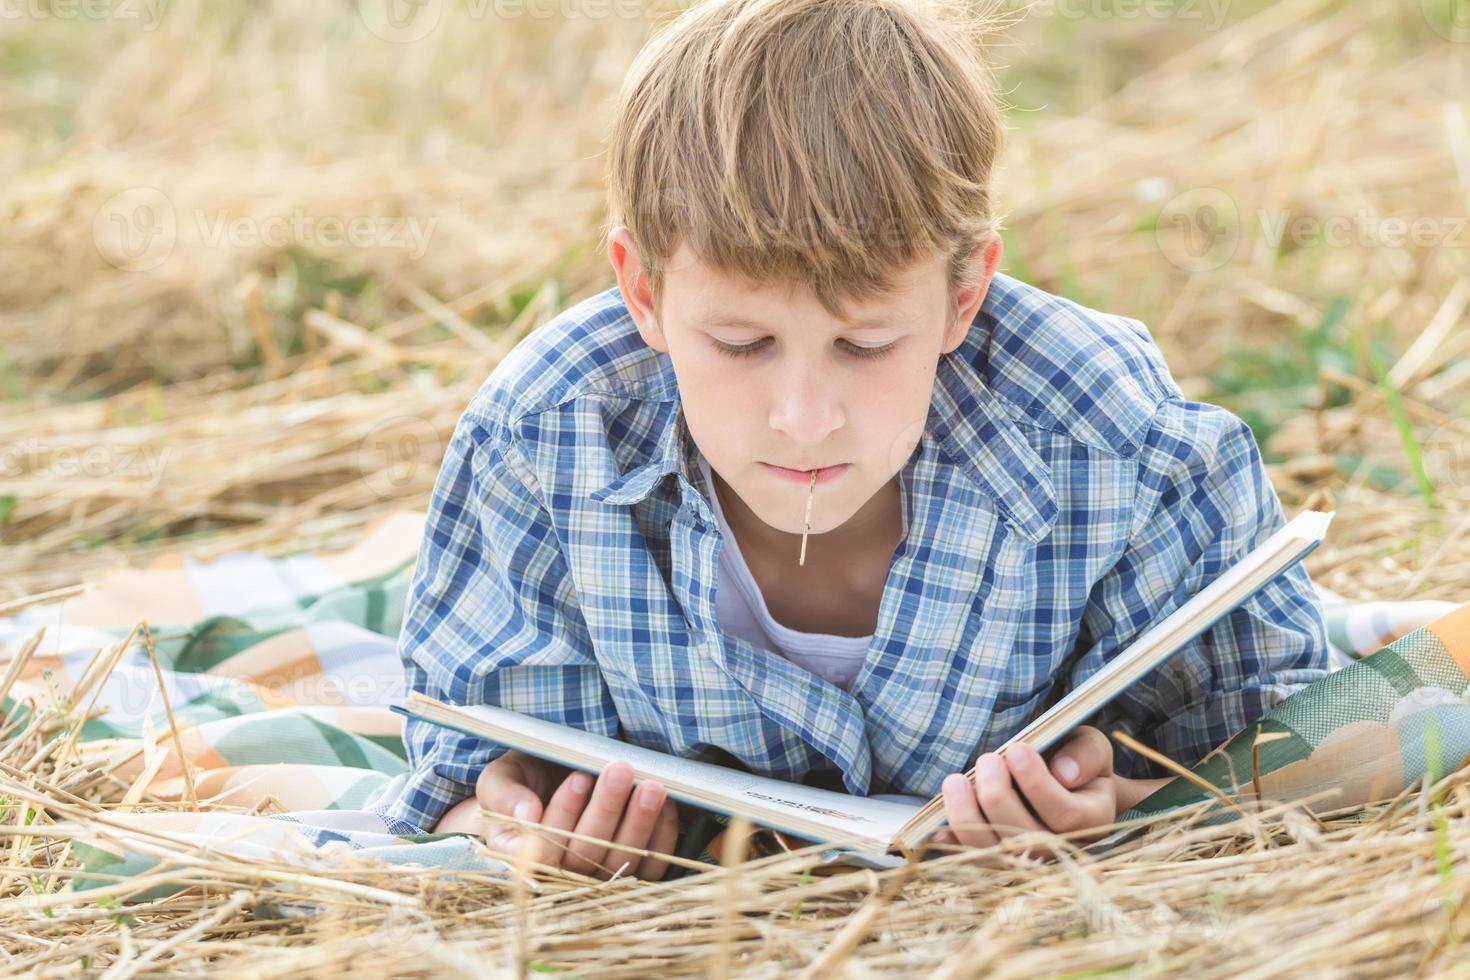 adolescente acostado con libro foto